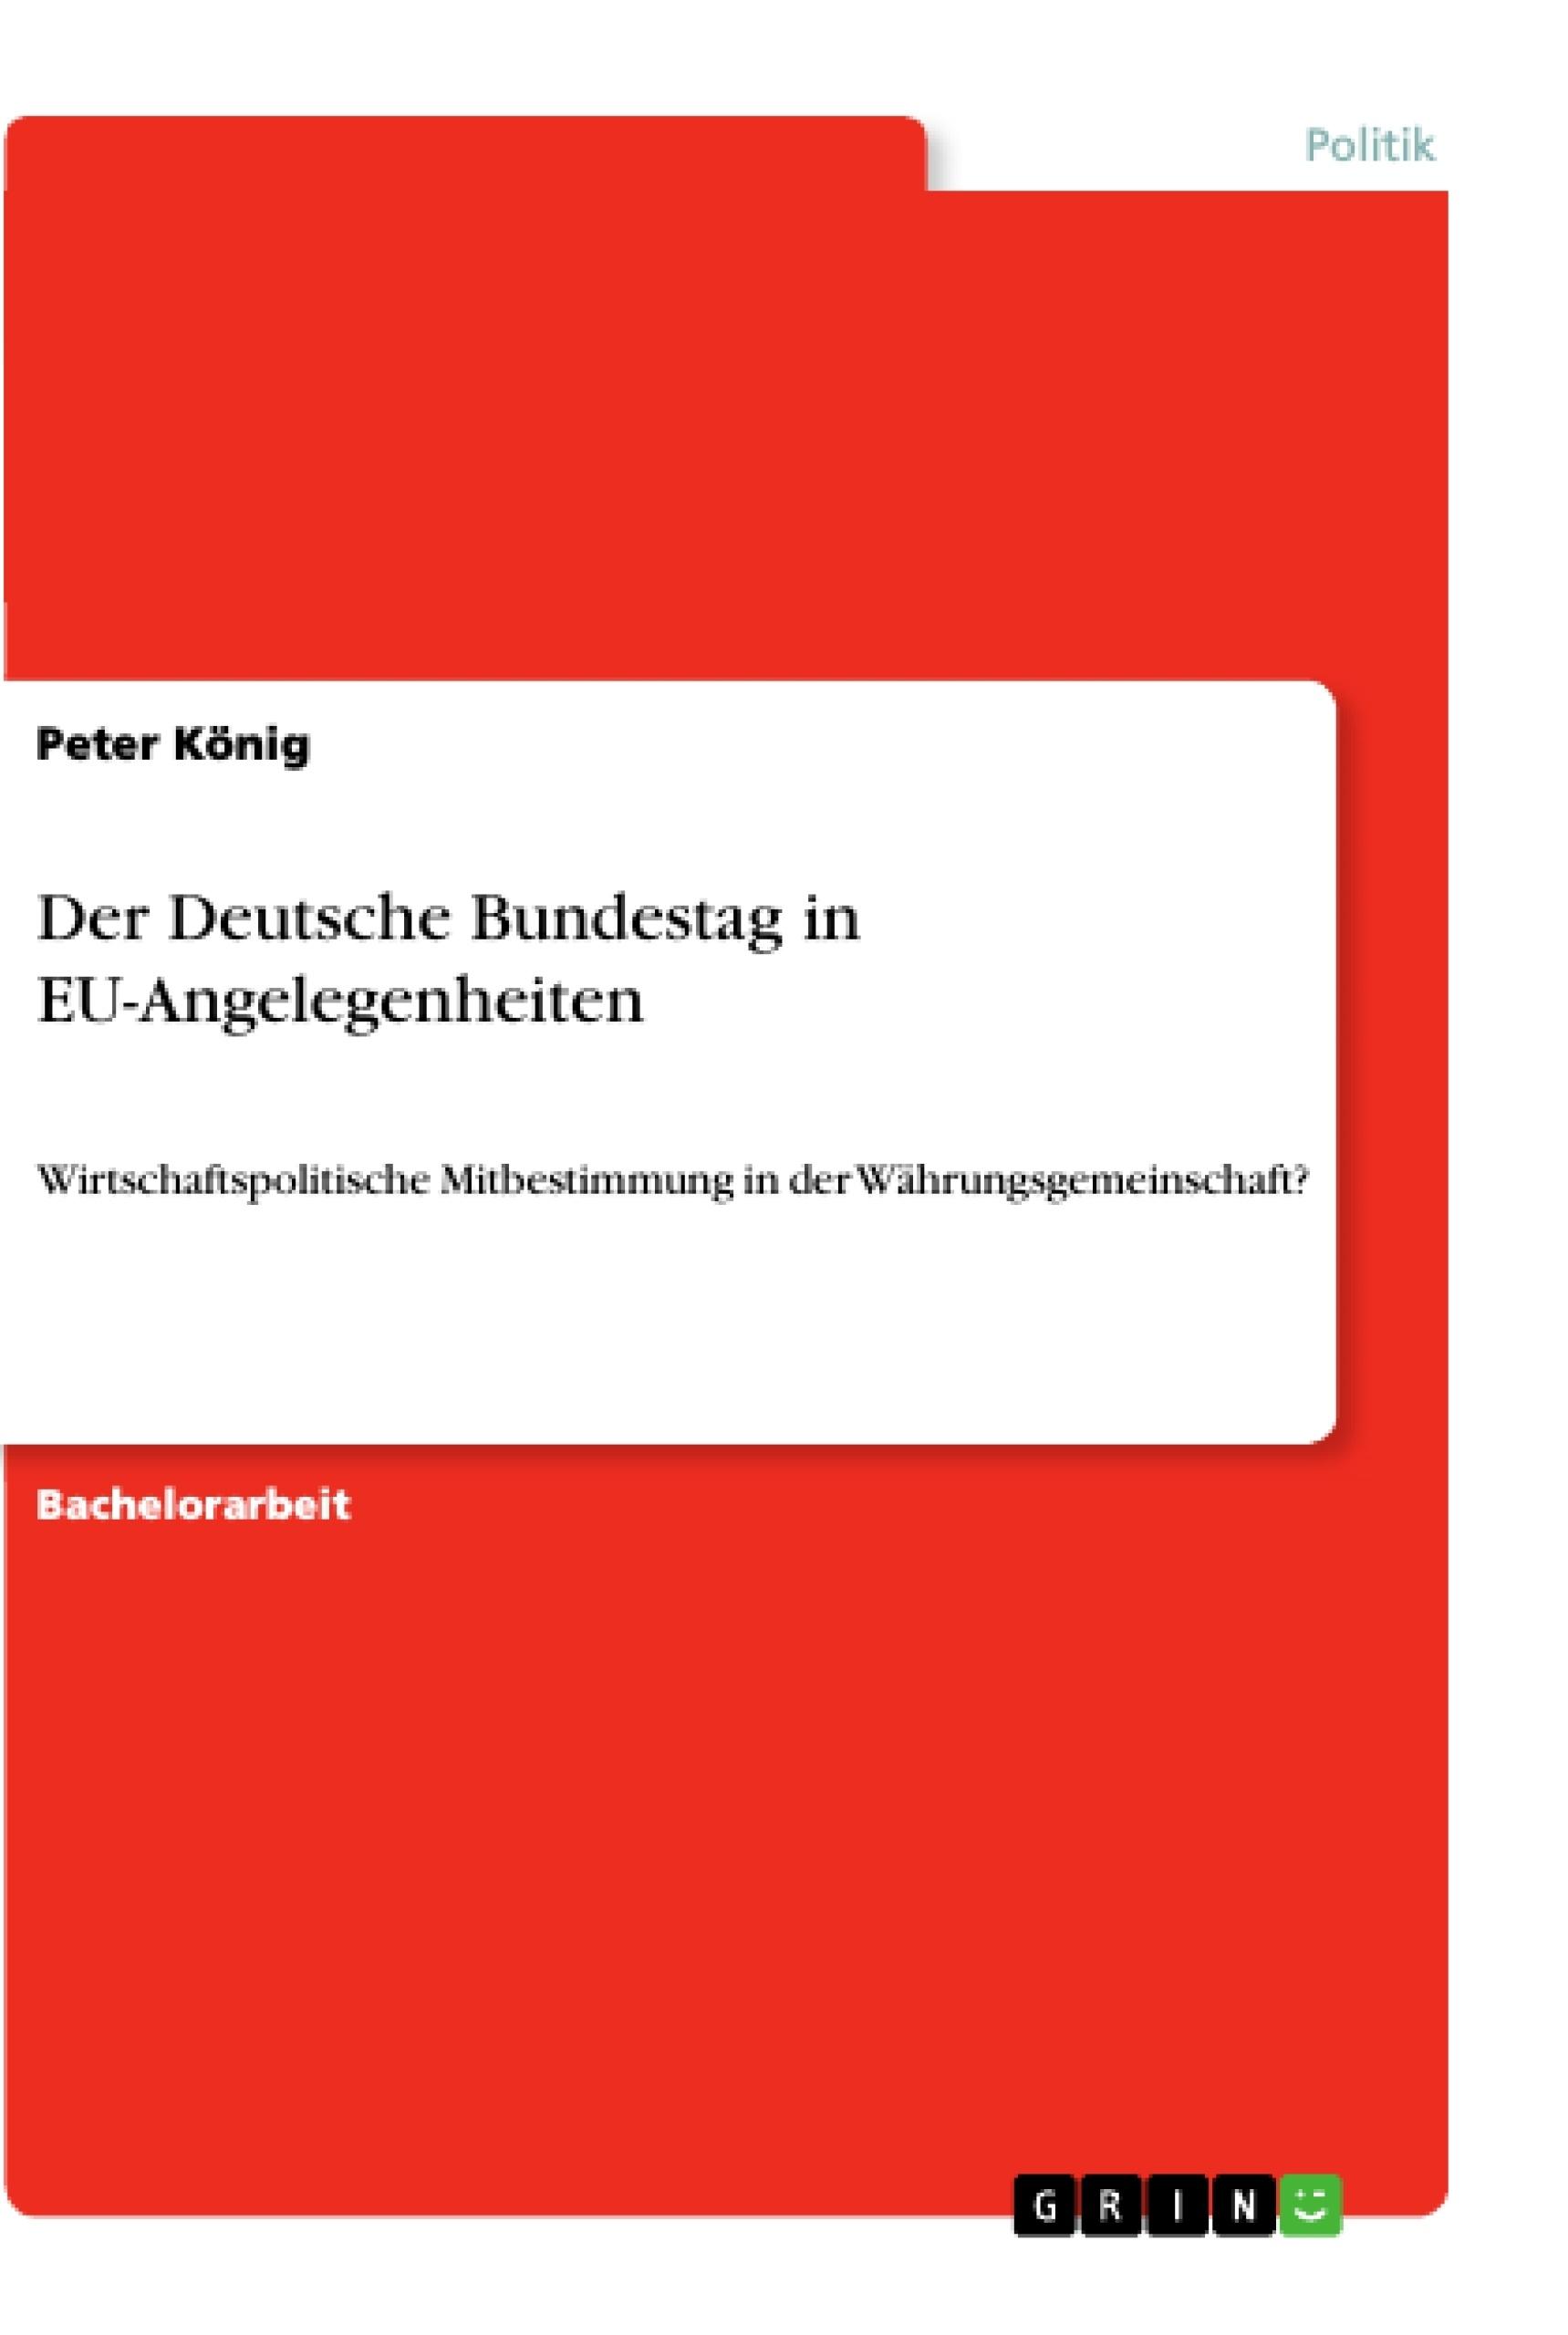 Titel: Der Deutsche Bundestag in EU-Angelegenheiten